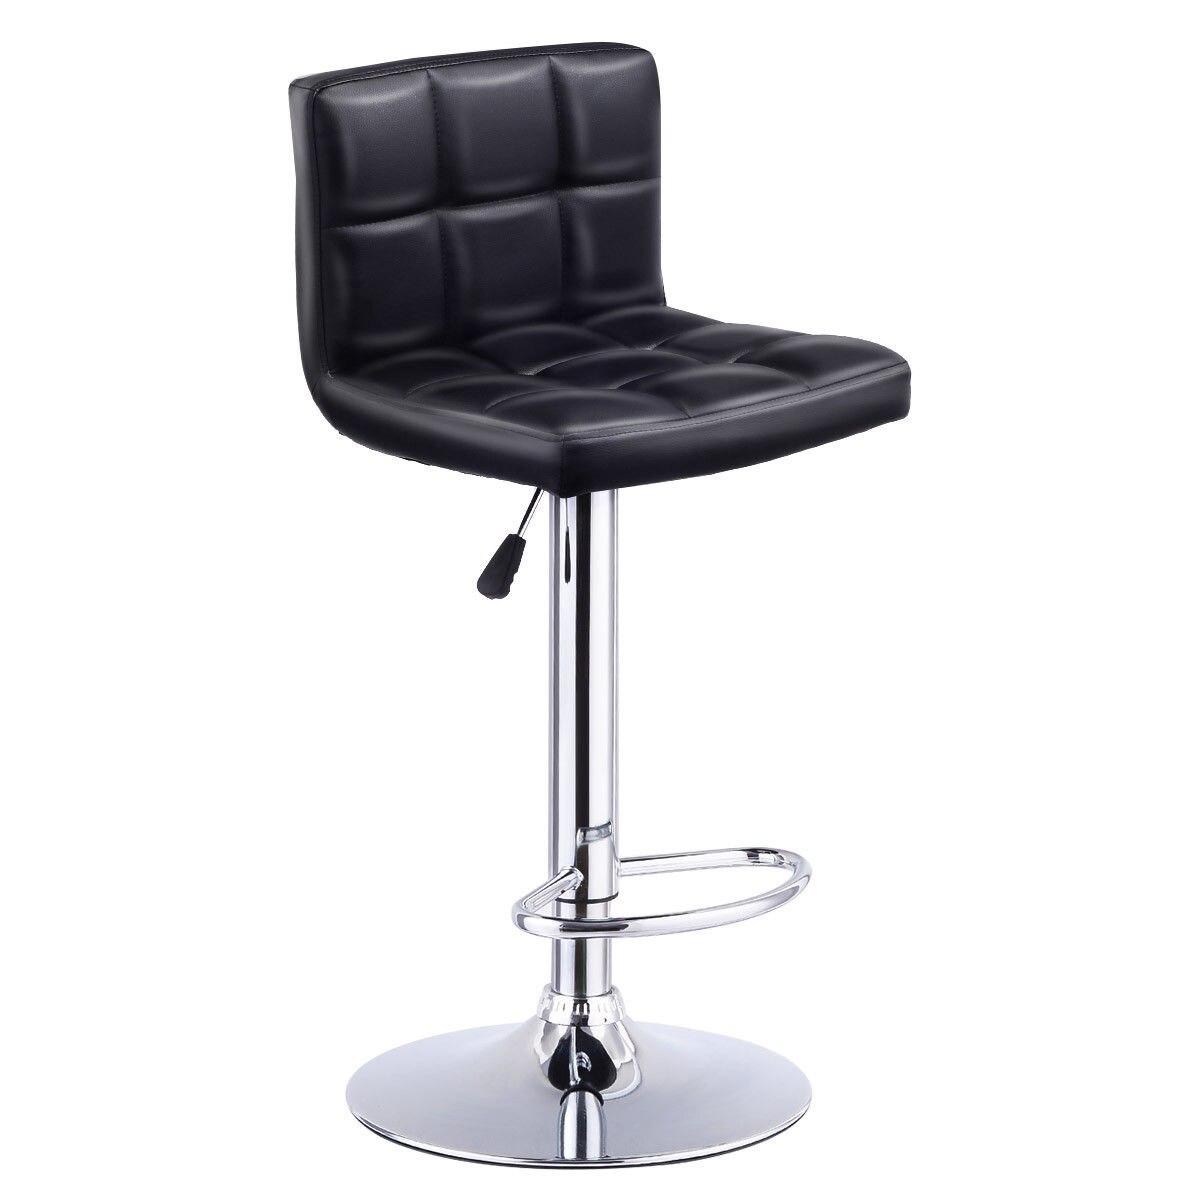 Giantex tabouret de Bar pivotant réglable en cuir PU tabourets de Bar Bistro chaise moderne salon Bar meubles HW53843BK